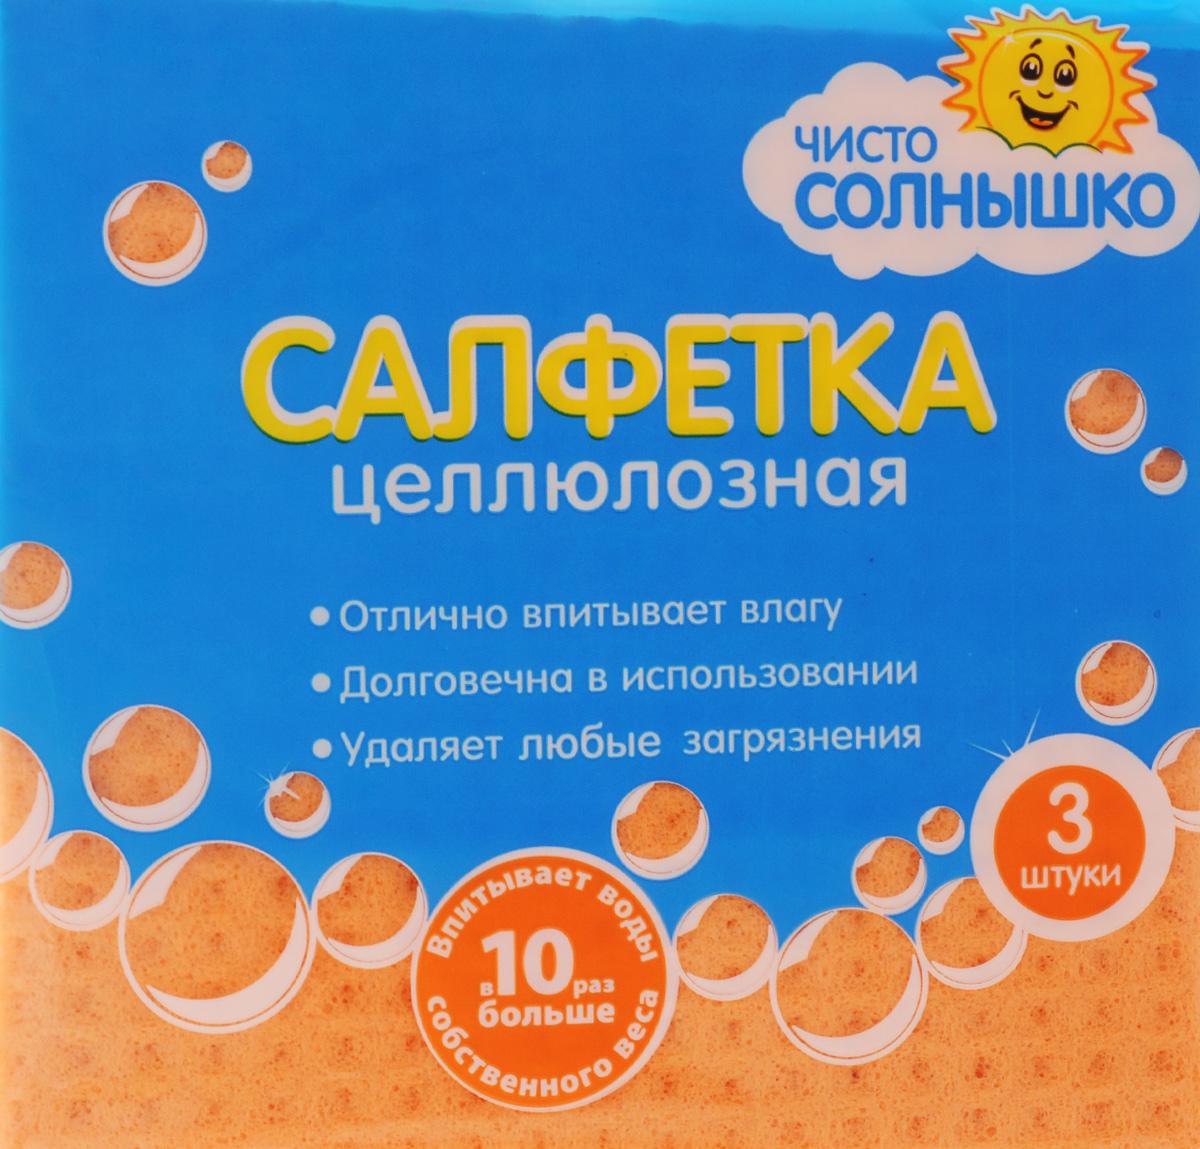 Салфетка Чисто Солнышко из целлюлозы, 14 x 15 см, 3 штЧС 1.4Салфетки для уборки Чисто Солнышко выполнены из целлюлозы. Они превосходно впитывают влагув10 раз больше собственного веса. Во влажном состоянии изделия мягкие и эластичные, при высыхании твердеют, что препятствует размножению бактерий и возникновению неприятных запахов.Рекомендации по применению:Перед использованием намочить салфетку в воде и отжать.Для продления срока службы после применения прополоскать в теплой воде.Хранить в сухом месте, вдали отопительных приборов и агрессивных сред.Беречь от воздействия прямого солнечного света.